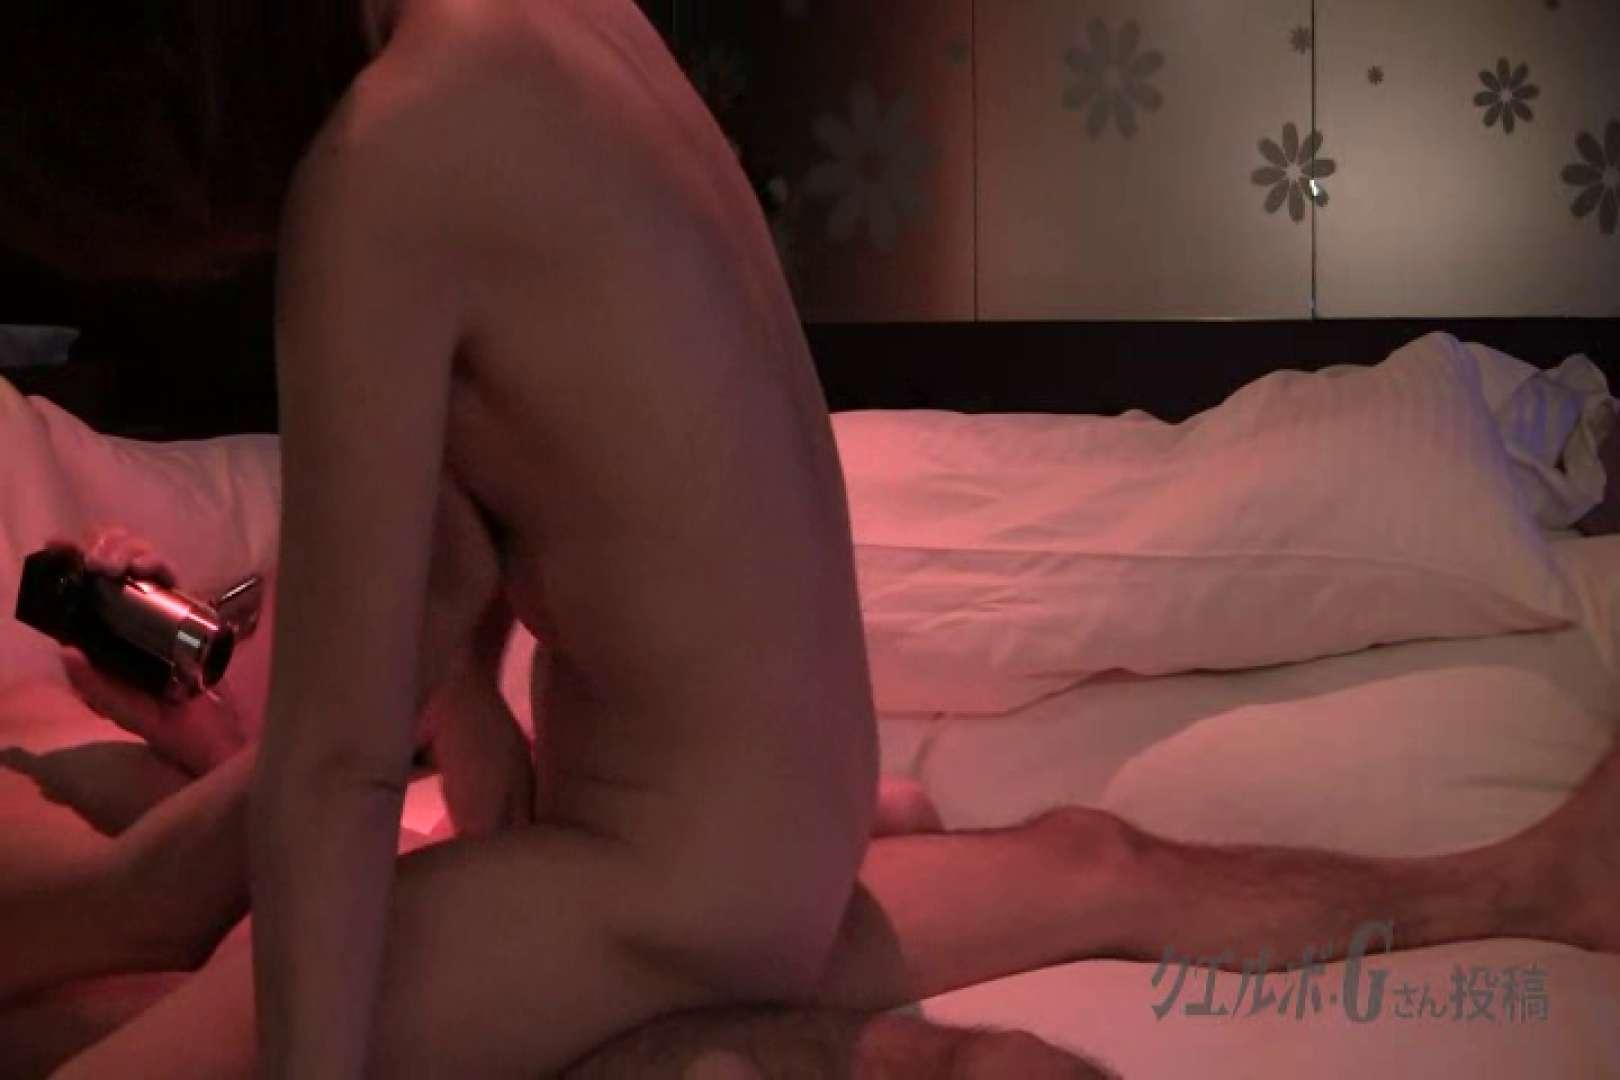 クエルボ・Gさん投稿 30歳人妻さんとの×××vol.2 OLすけべ画像 ワレメ動画紹介 103連発 97